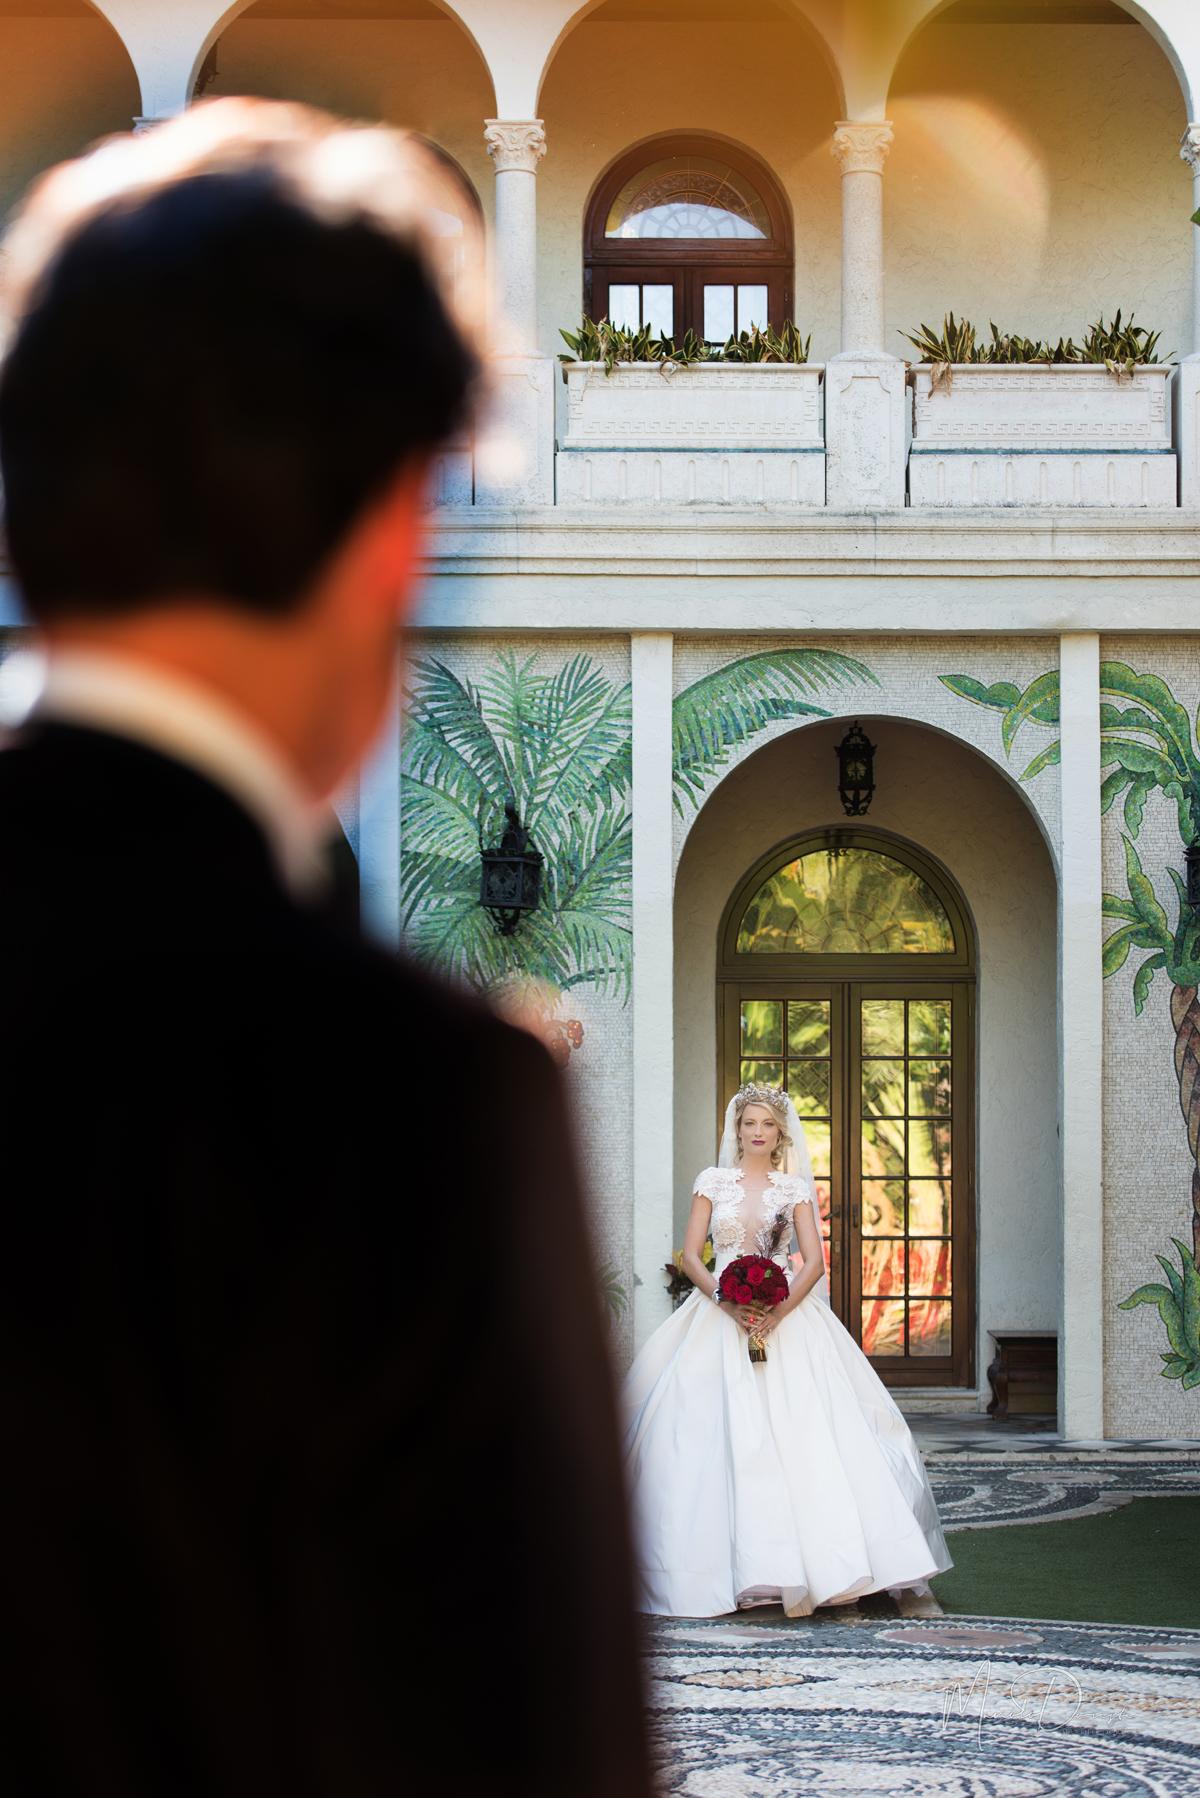 versace-mansion-wedding-manolo-doreste-13.jpg